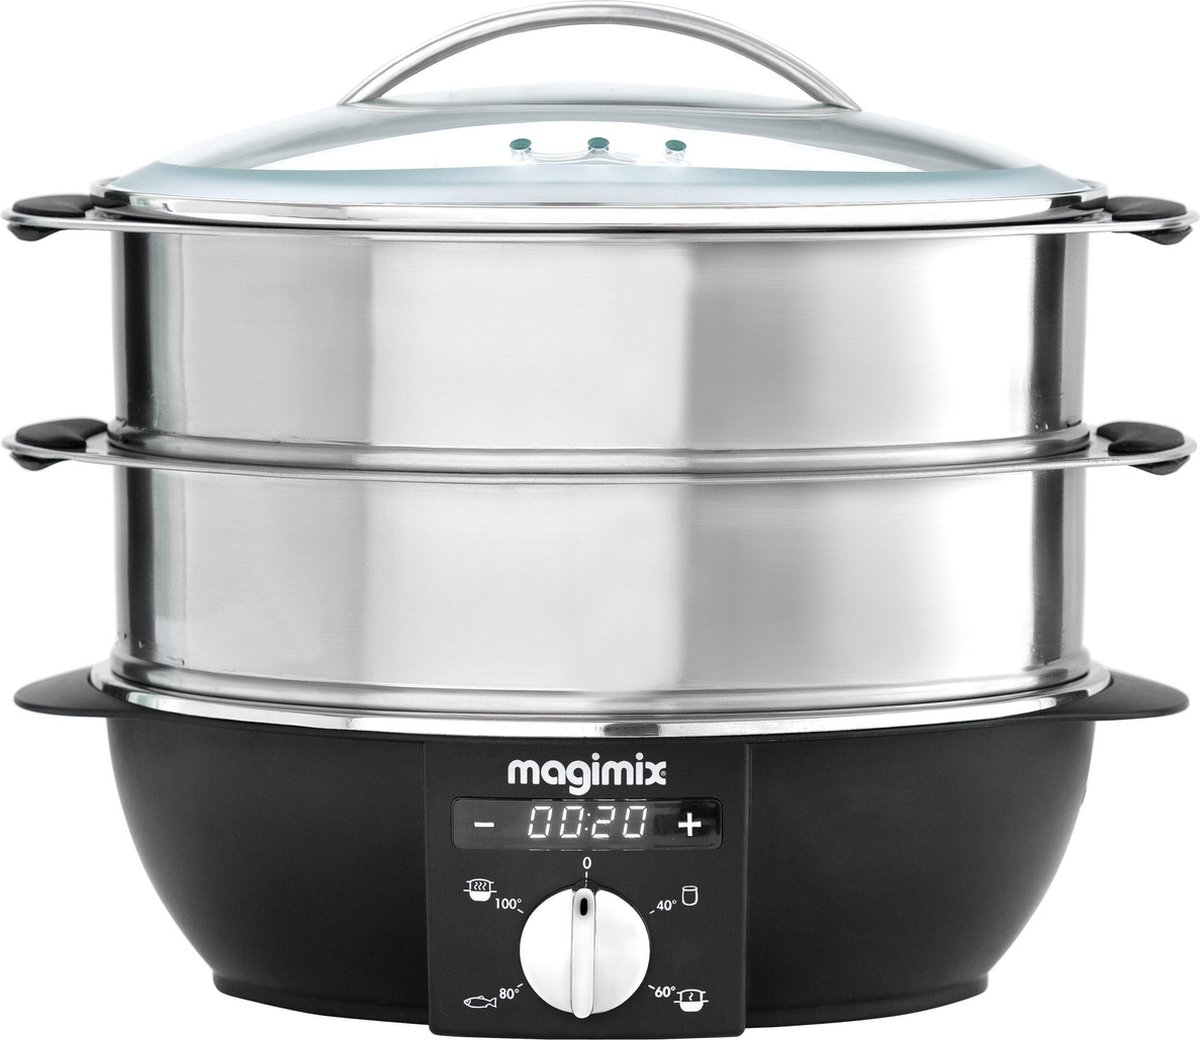 Magimix 11581NL Multifunctionele Stoomkoker